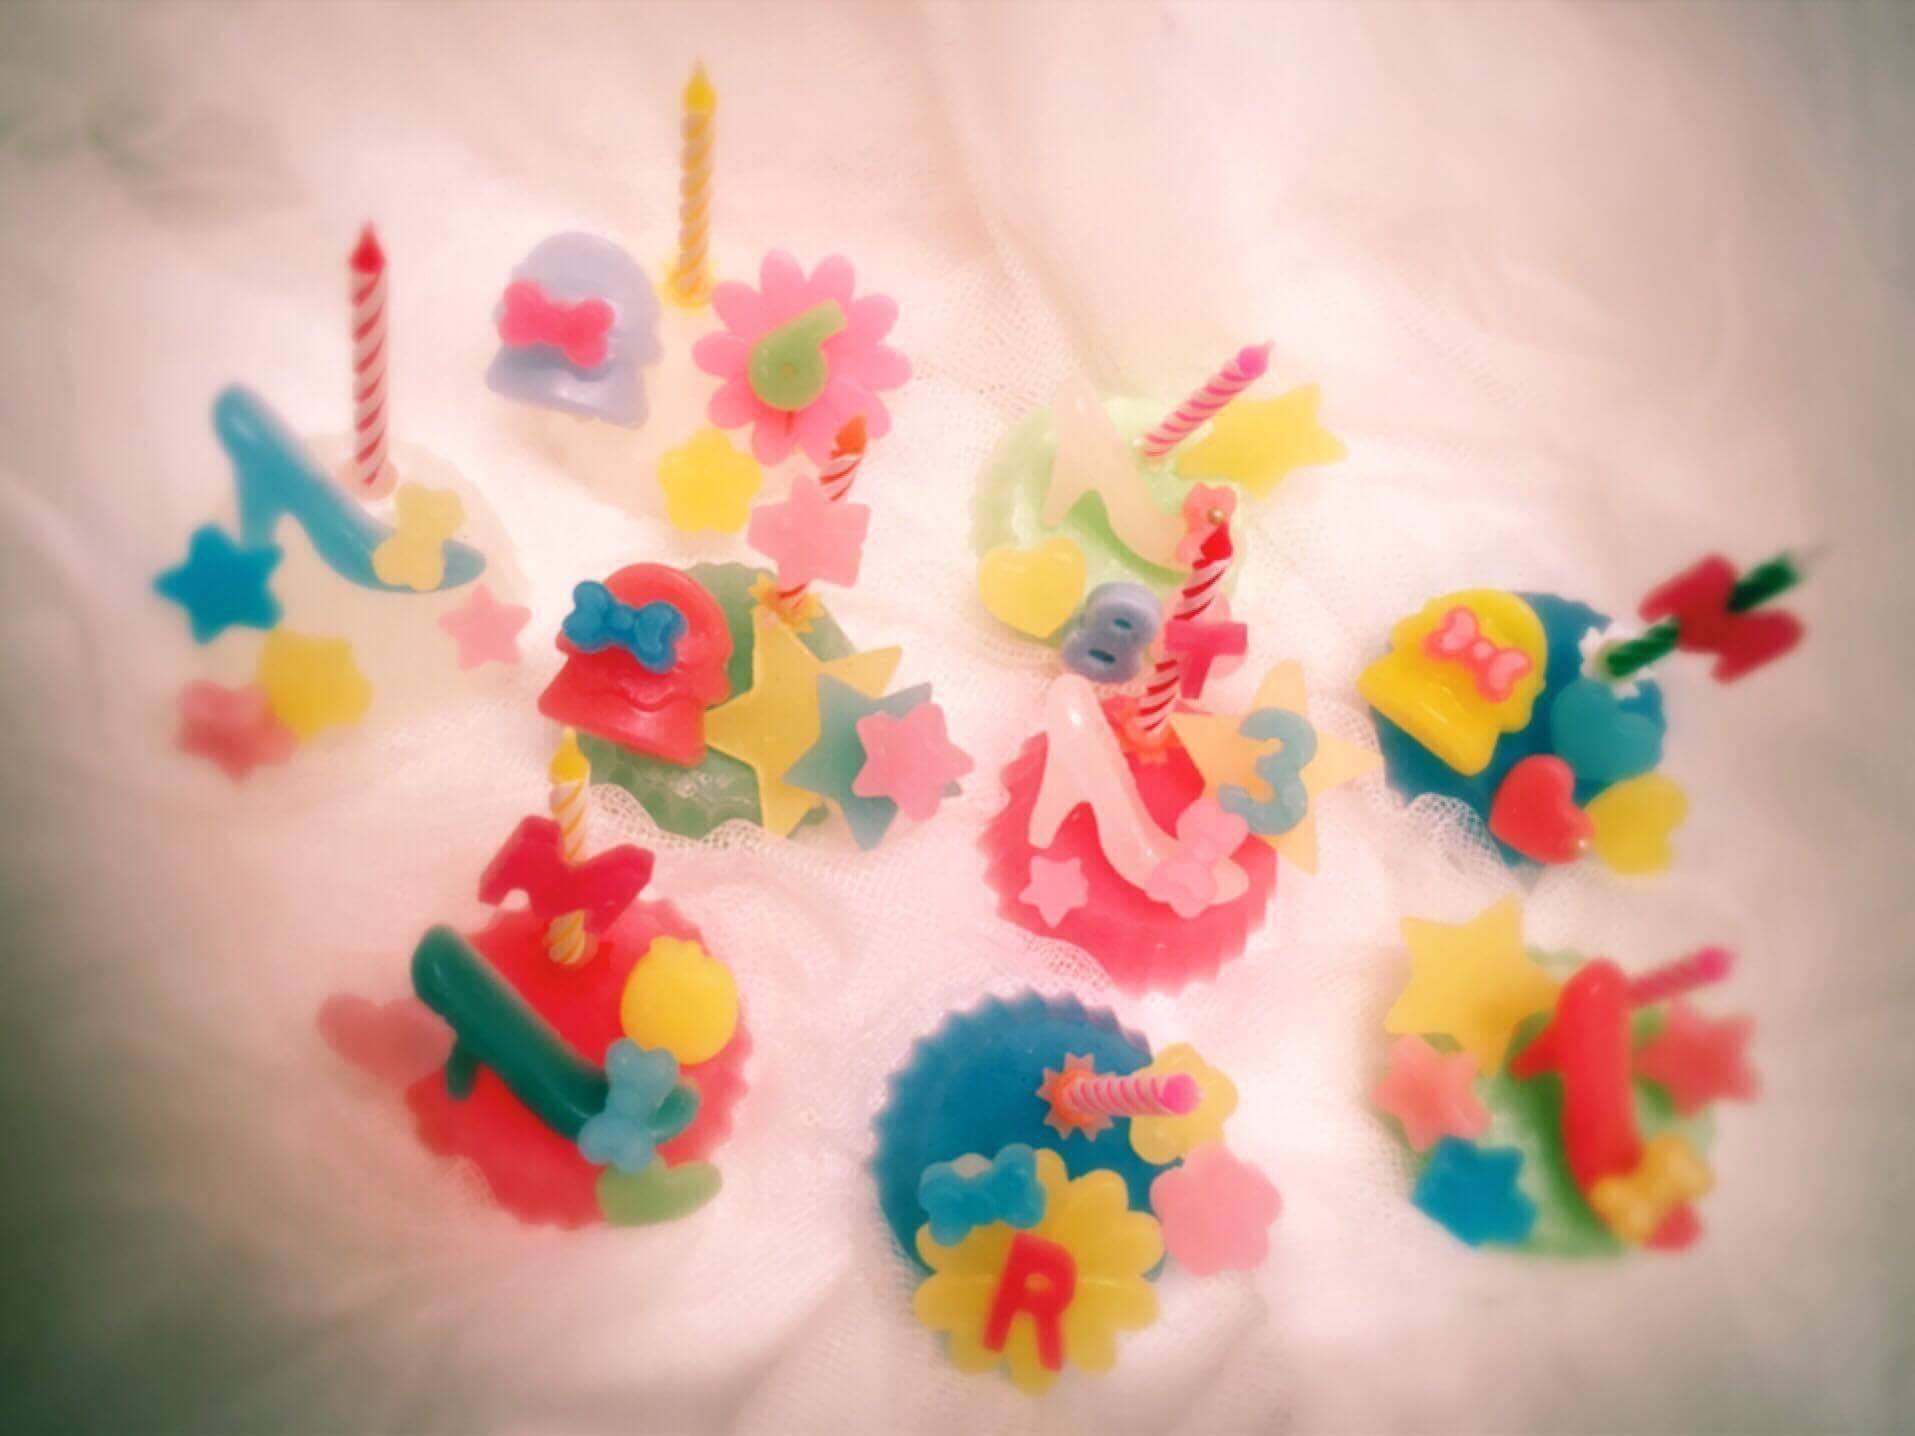 【出店者紹介】Color Garden TOKYO:キャンドルのパーツを組合わせてミニキャンドルづくりをします。材料費:500円